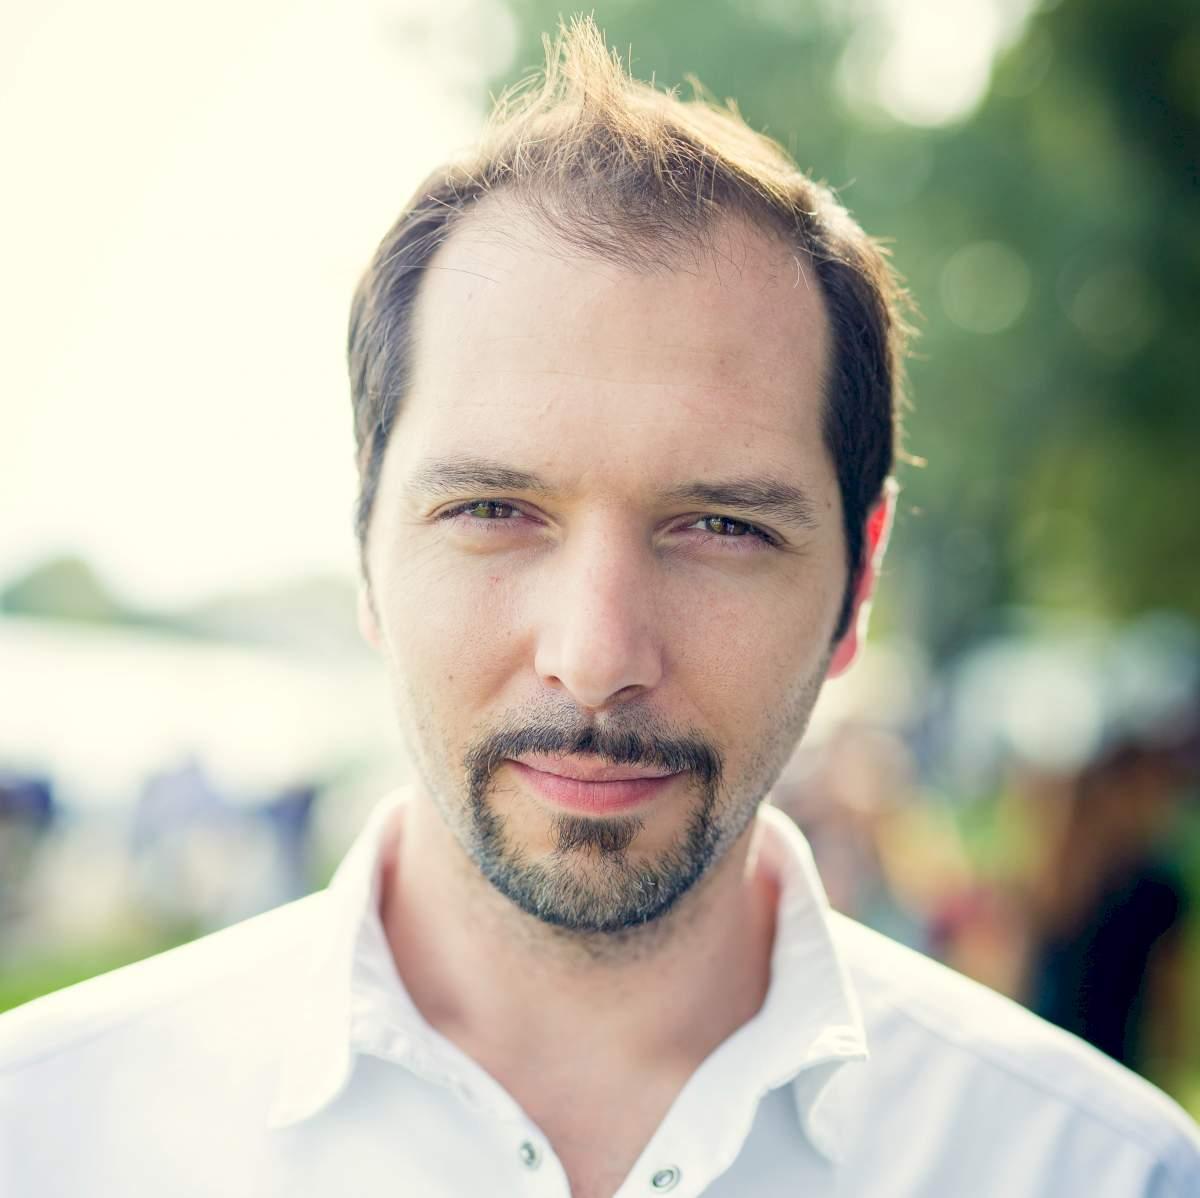 Damien Chocano